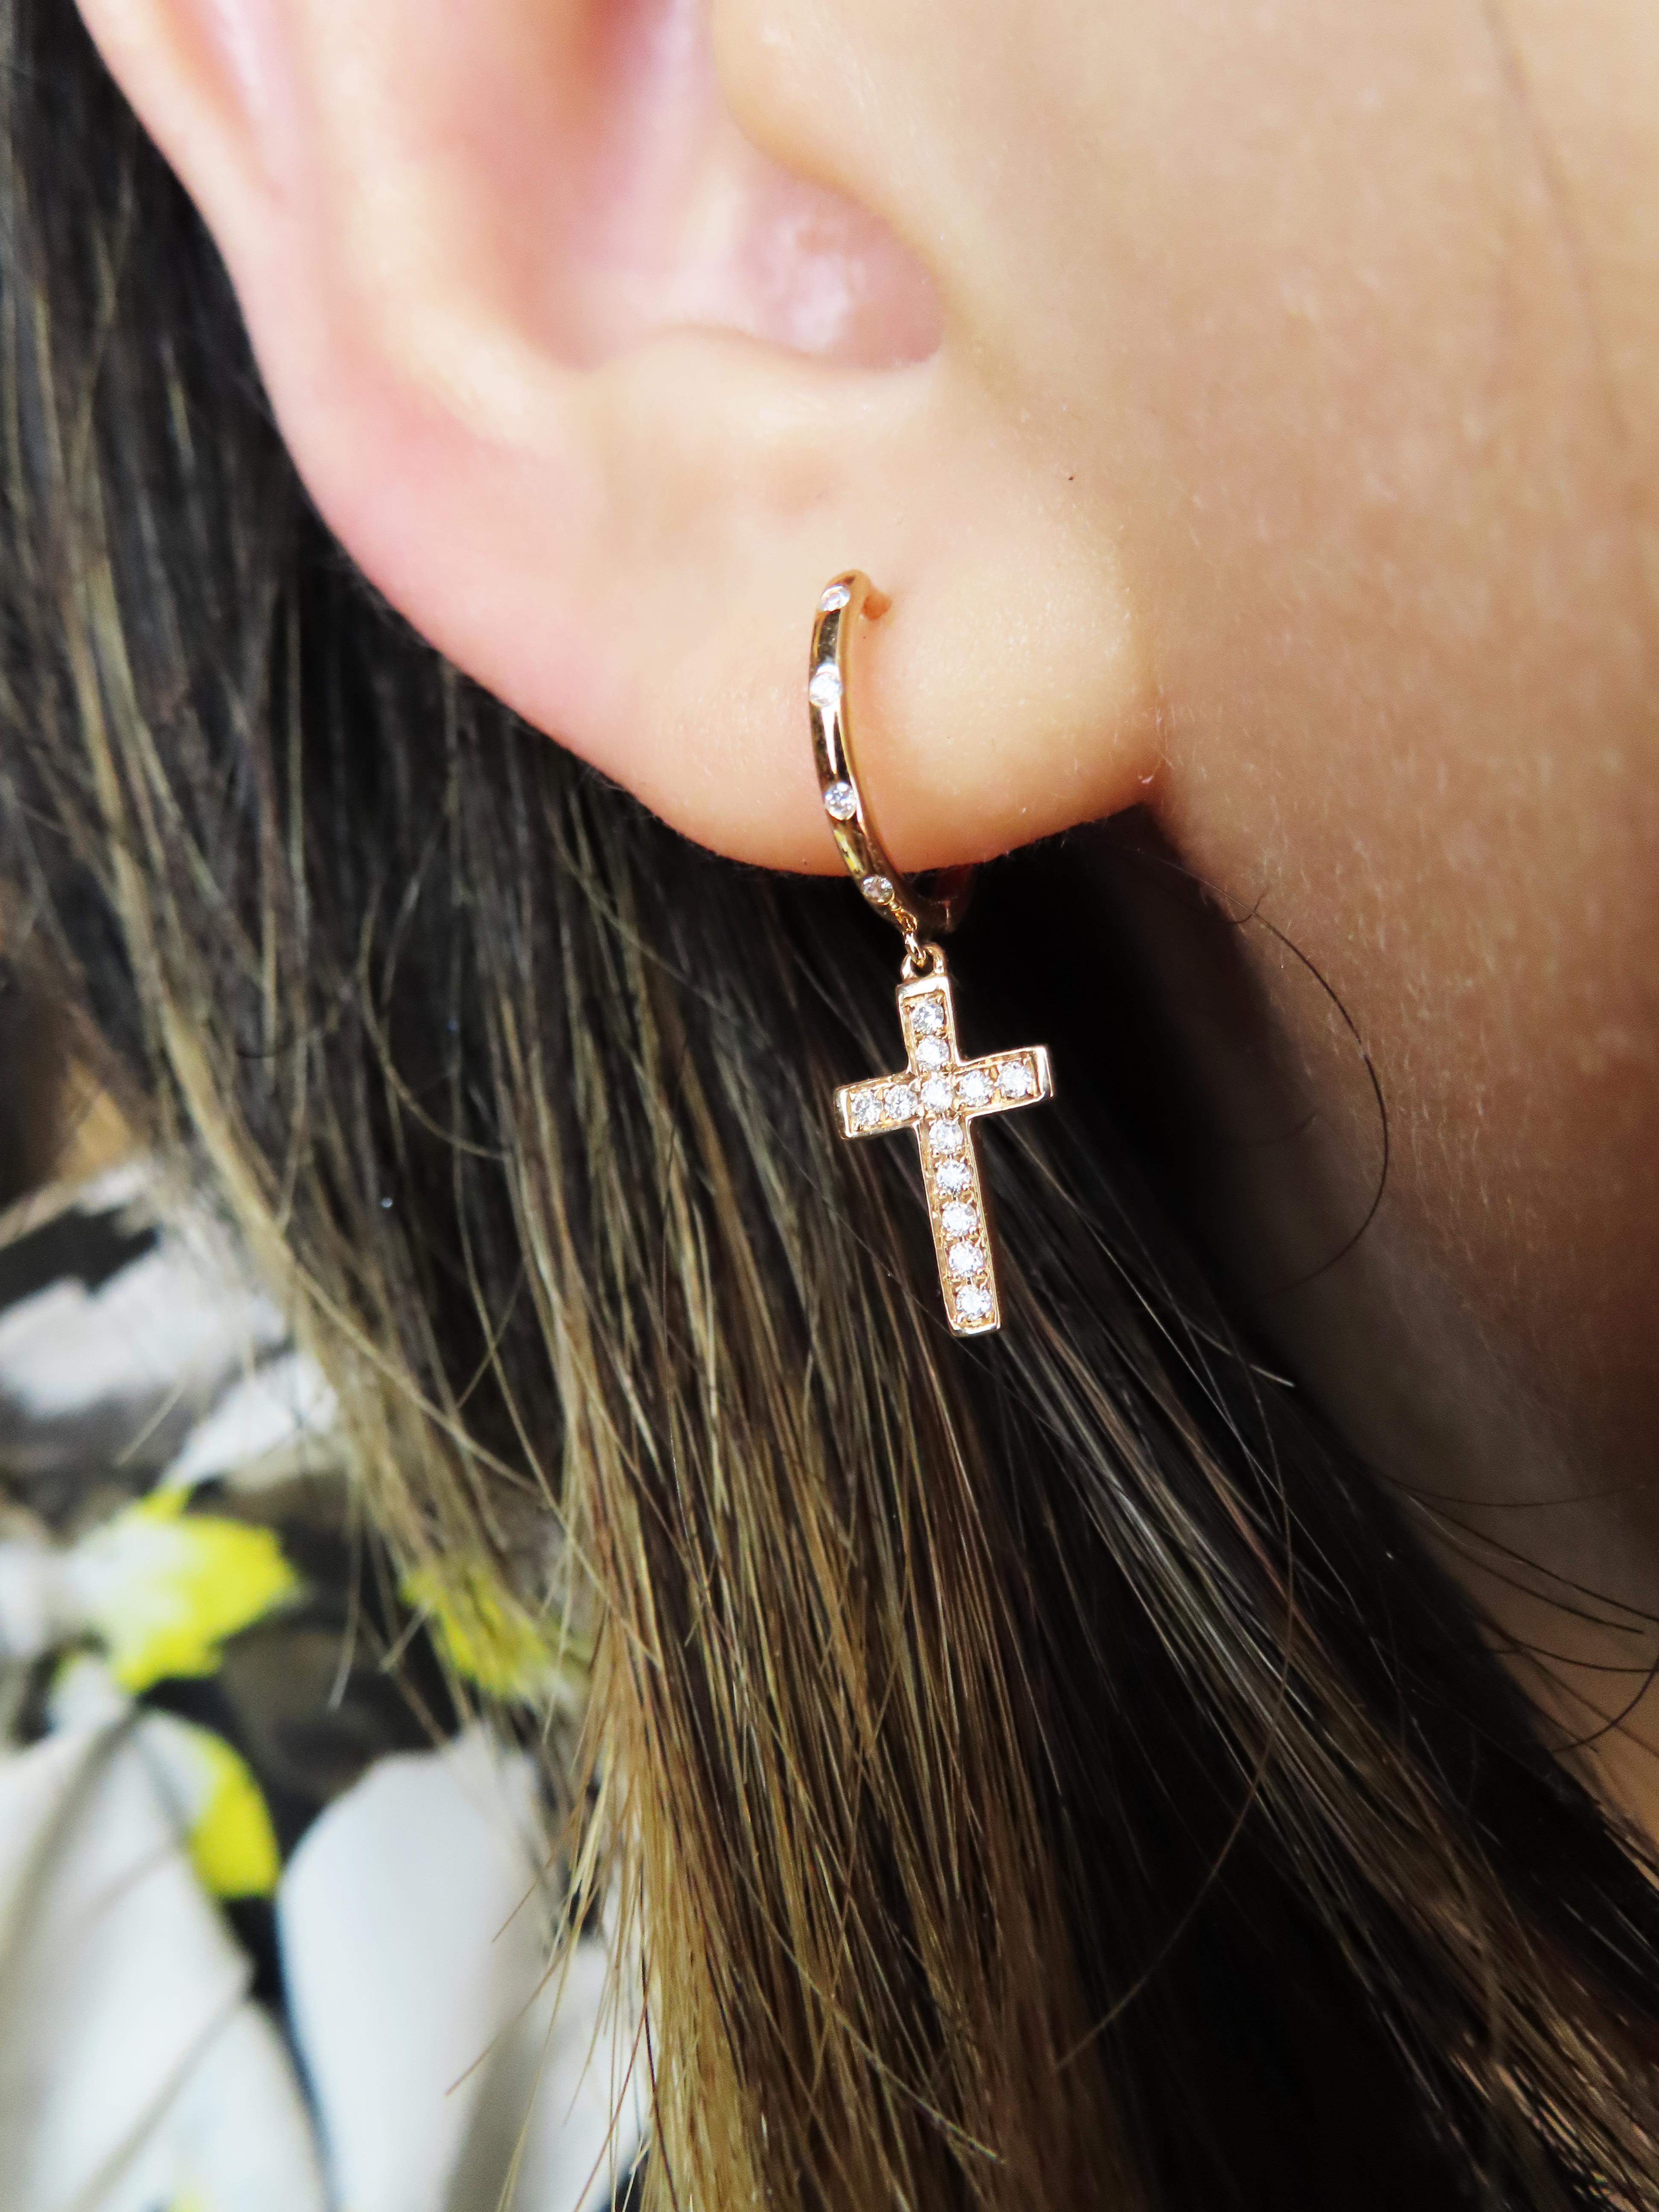 %玉承珠寶%輕珠寶系列~14k玫瑰金天然鑽石十字架耳環DE10